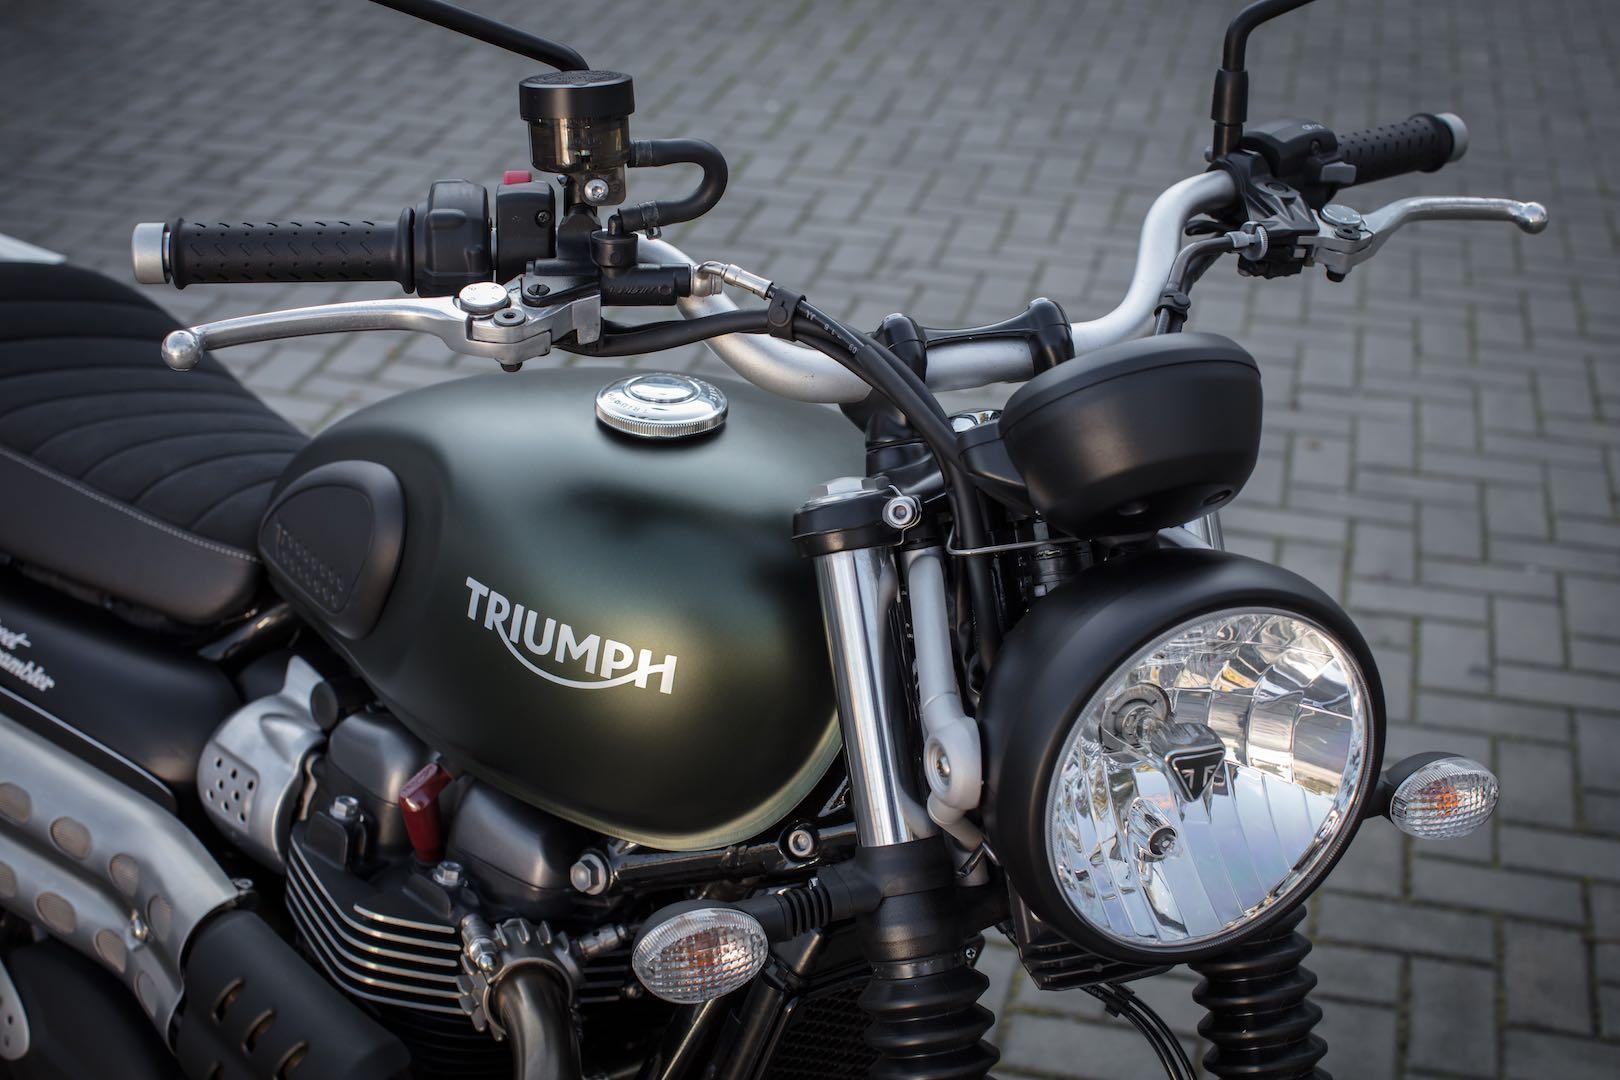 2017 Triumph Street Scrambler Review: headlight